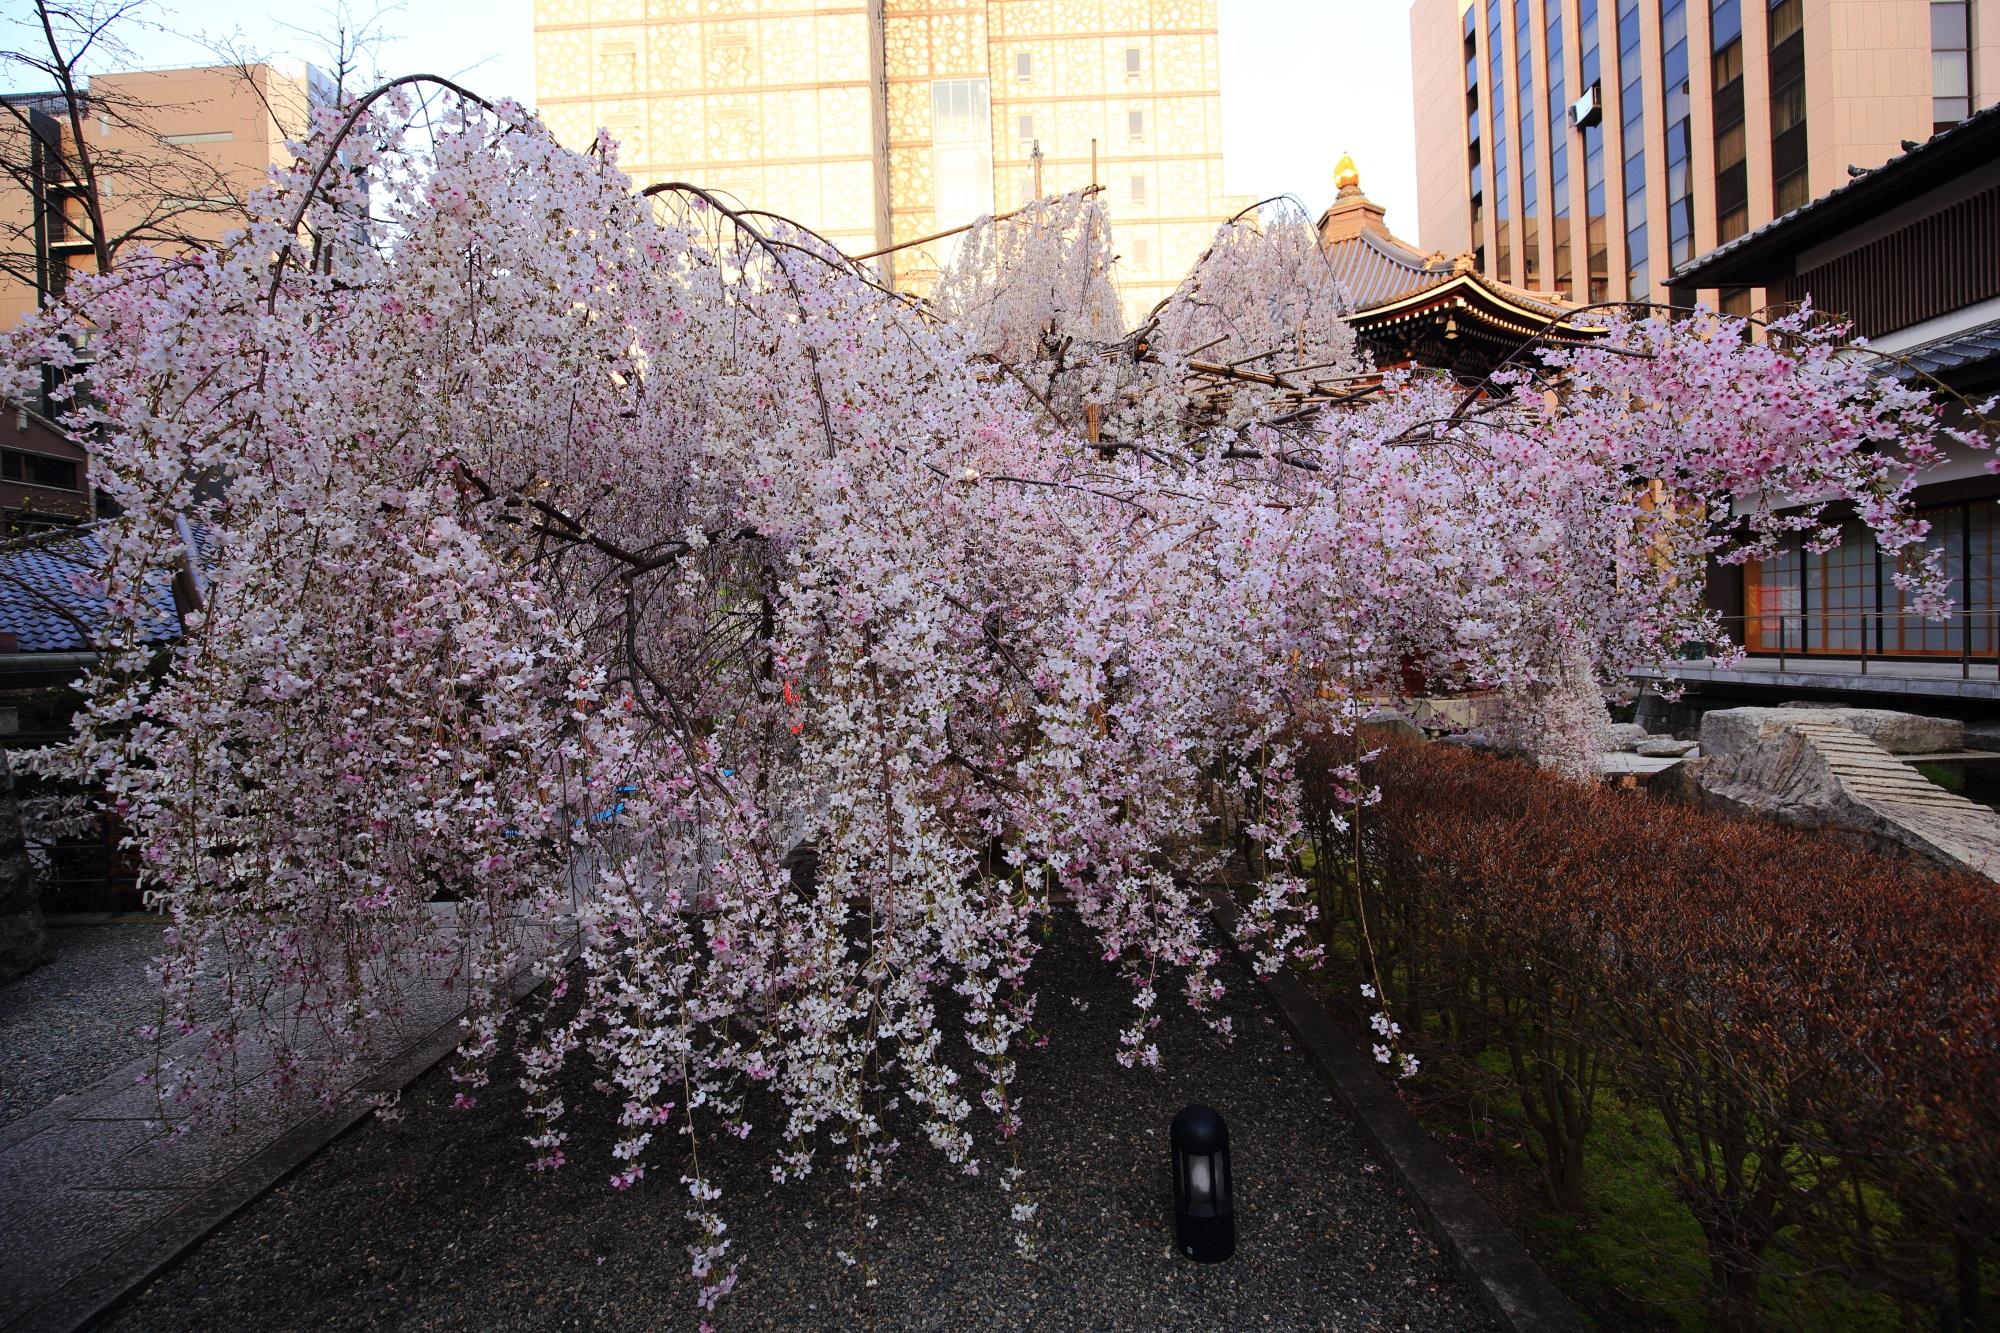 白からピンクに変わる京都六角堂の御幸桜